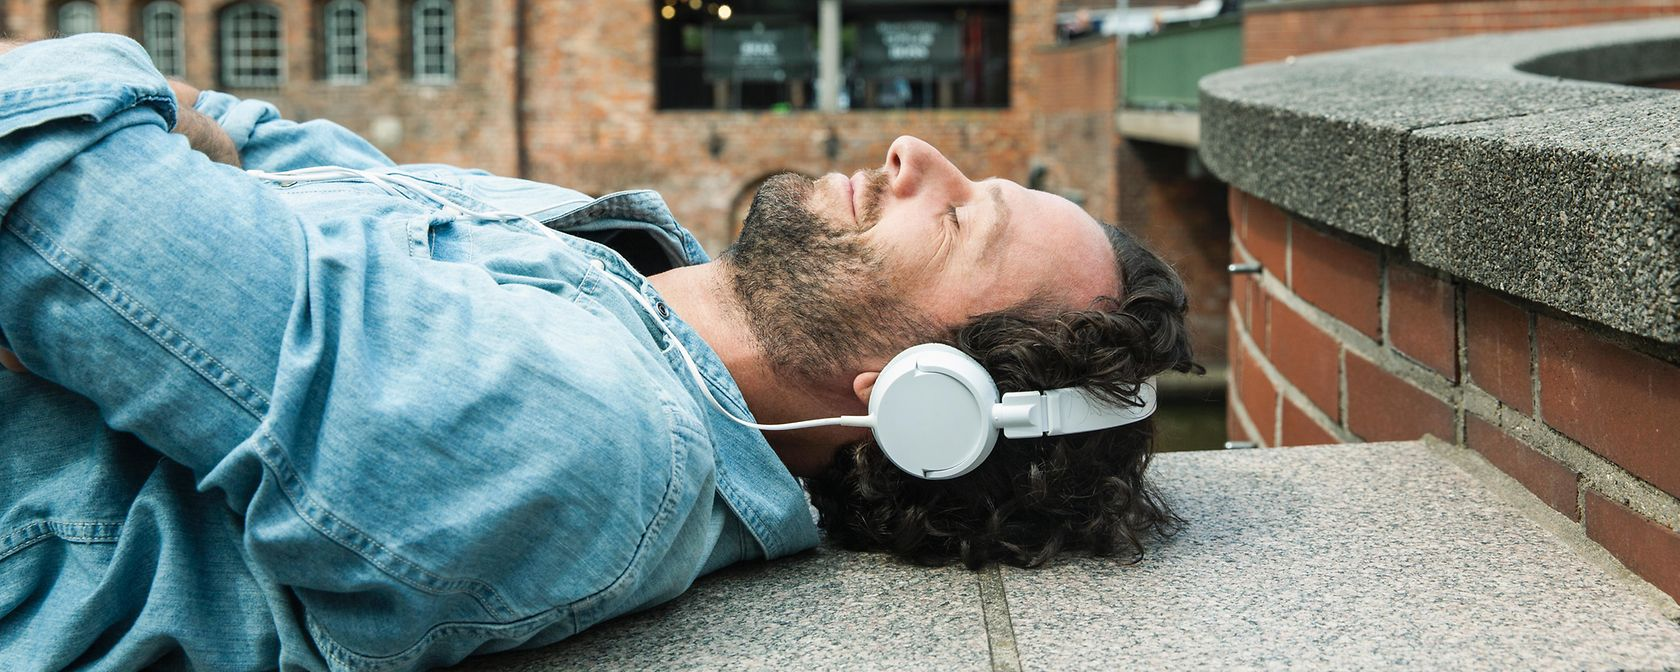 kopfhoerer-musik-mann-liegen-entspannung-outdoor-gettyimages-589935801